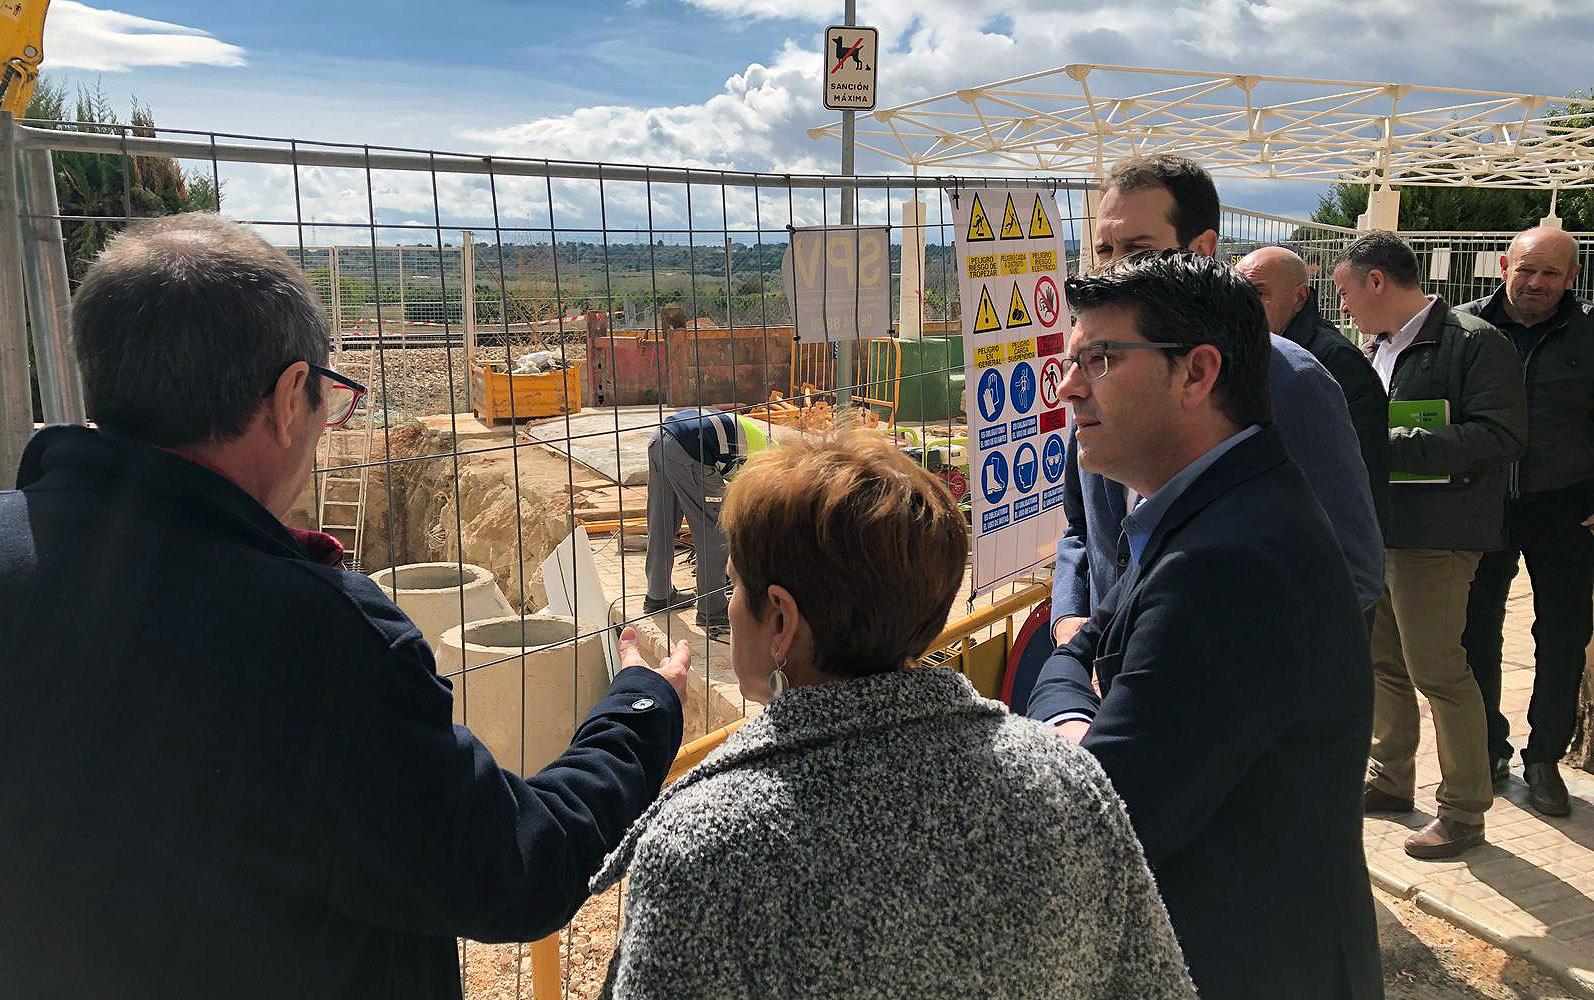 El presidente de la Diputació junto al alcalde de Cheste, José Morell, y otros miembros de la corporación durante su visita al municipio.